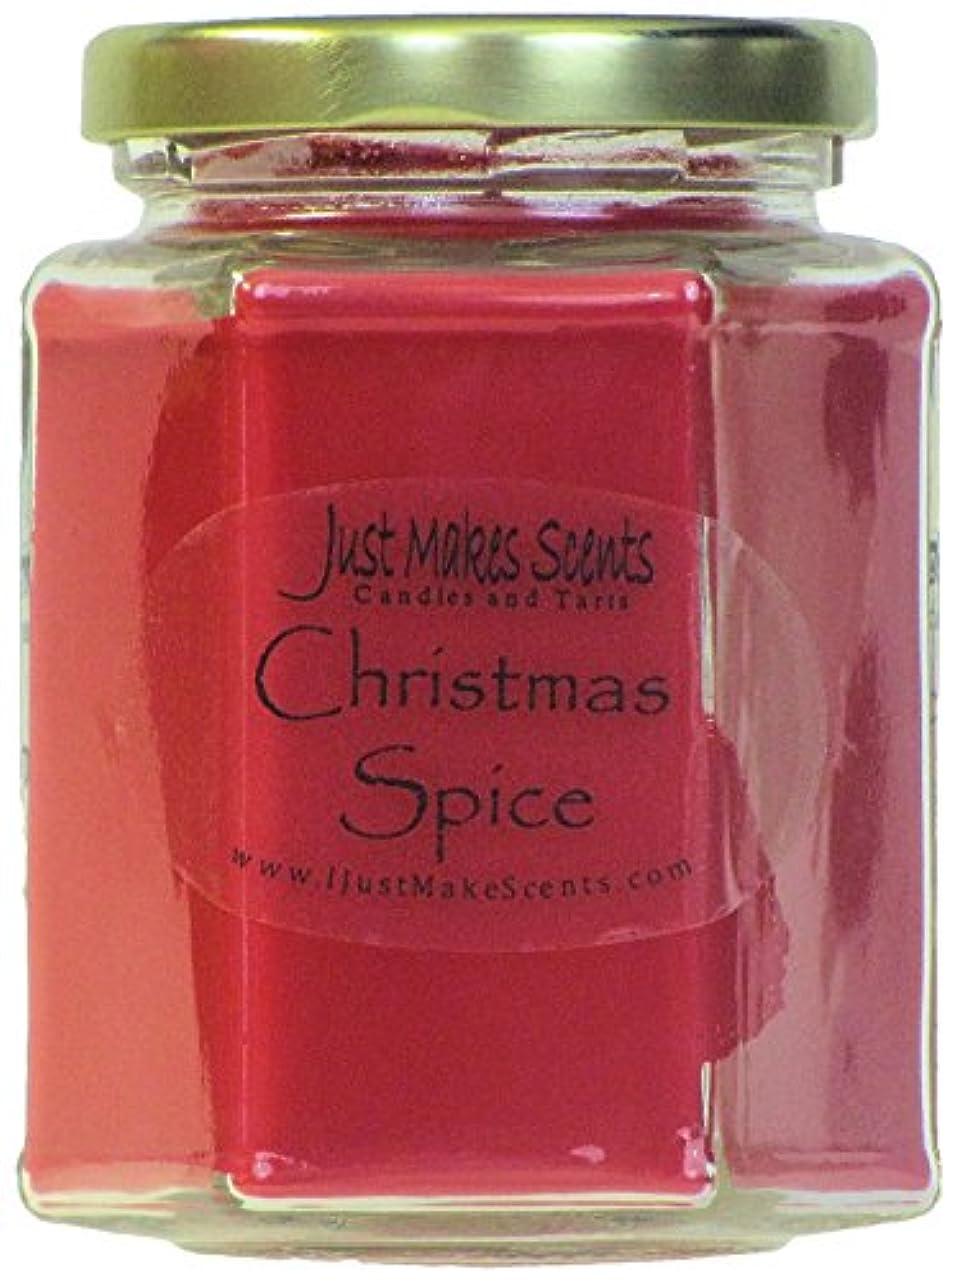 マークダウンクラブ見捨てられたクリスマスSpice香りつきBlended Soy Candle by Just Makes Scents 1 Candle レッド C02009HRDD